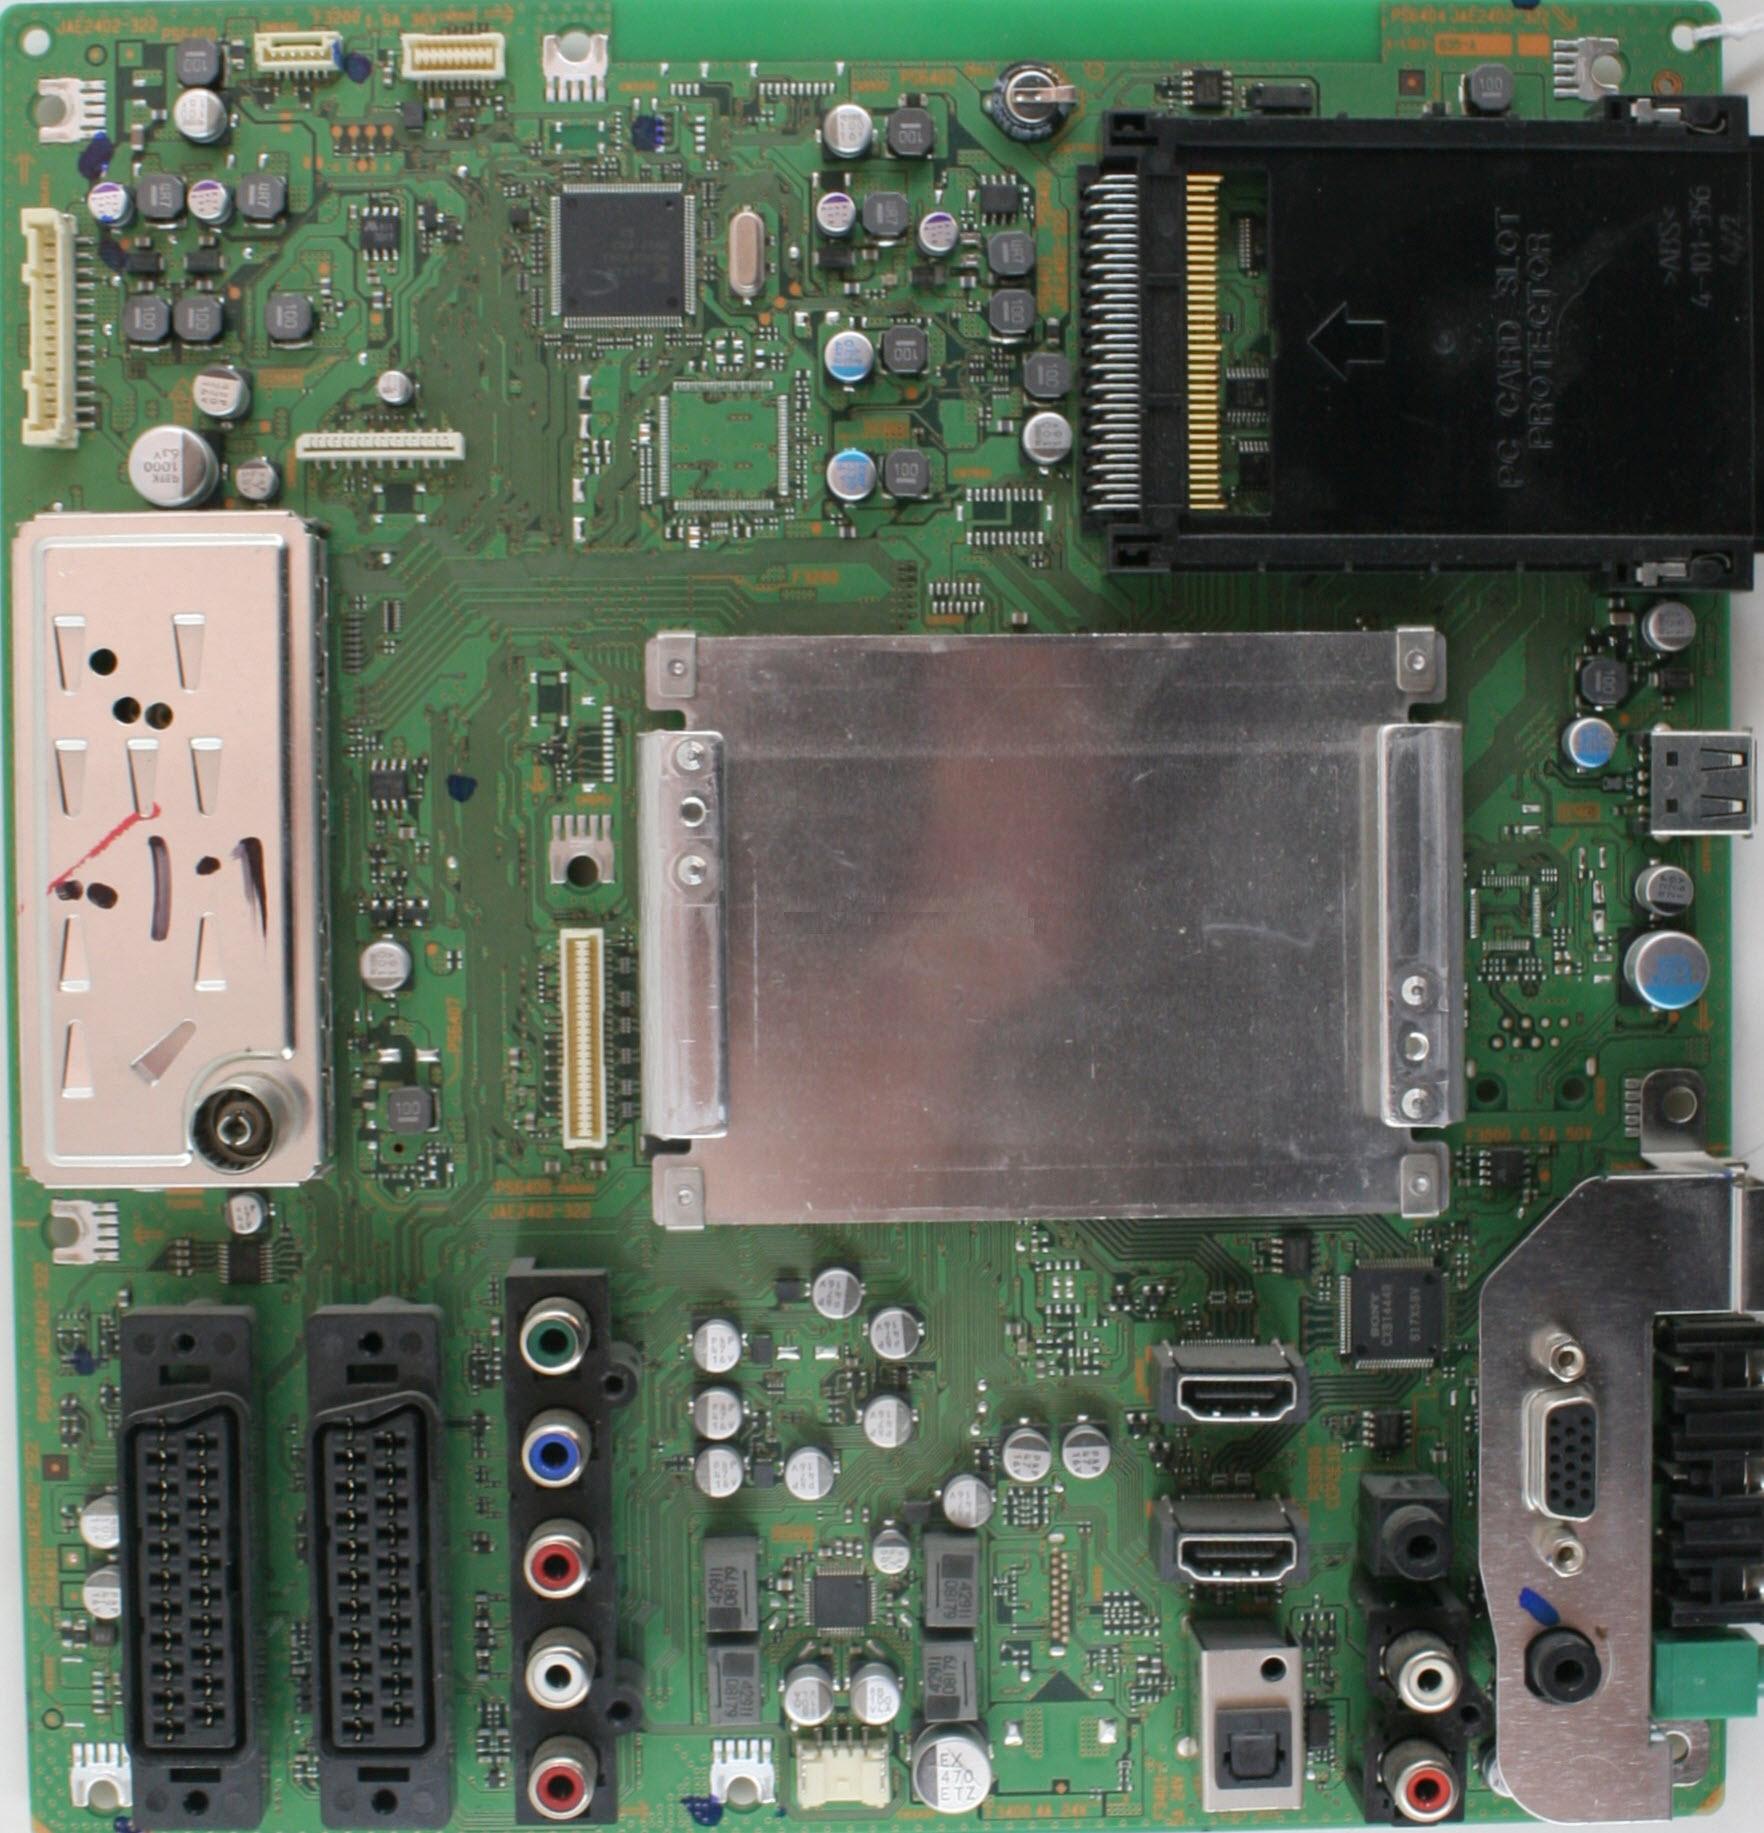 sony kdl 46w4000  u0420 u0435 u043c u043e u043d u0442   u0441 u0445 u0435 u043c u0430   u0441 u0435 u0440 u0432 u0438 u0441 NEC 3000 LCD NEC 3000 LCD